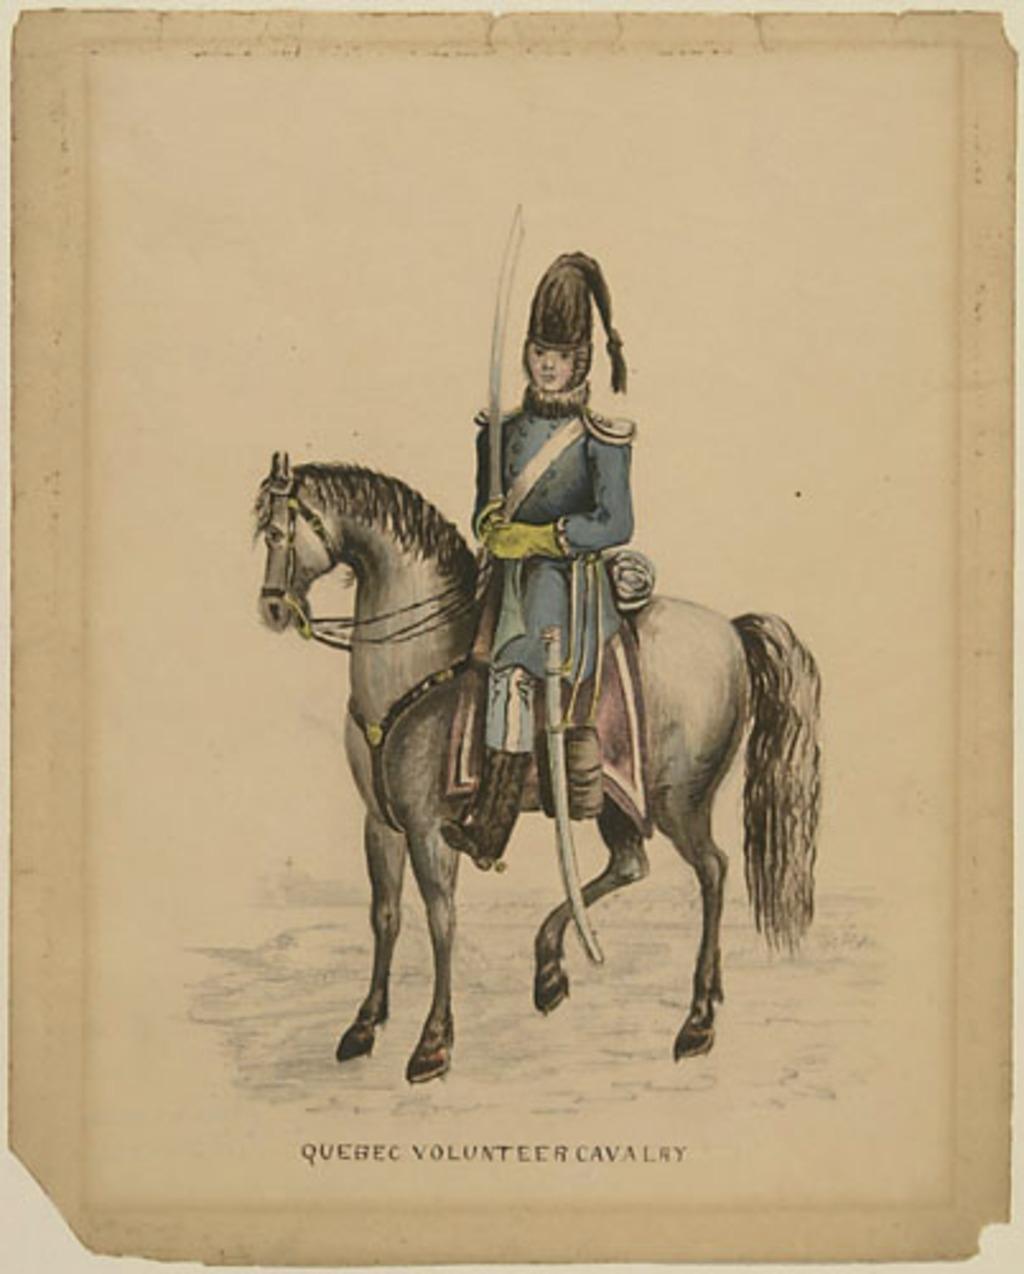 La Cavalerie des Volontaires de Québec. Copie de la gravure publiée dans l'ouvrage The Quebec Volunteers